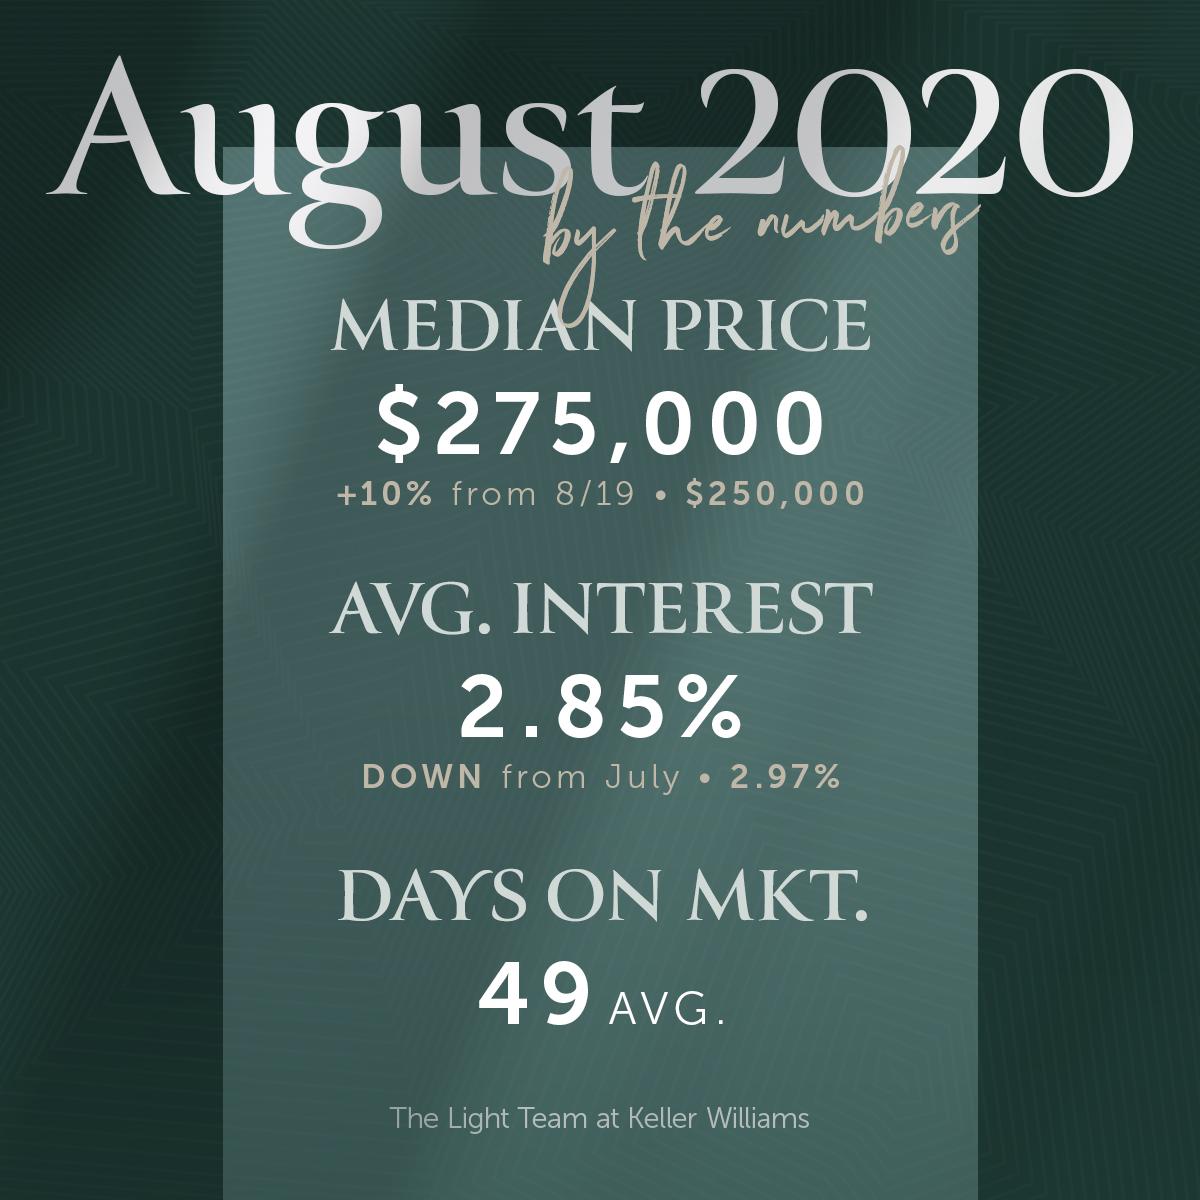 Orlando Real Estate Market Update - August 2020